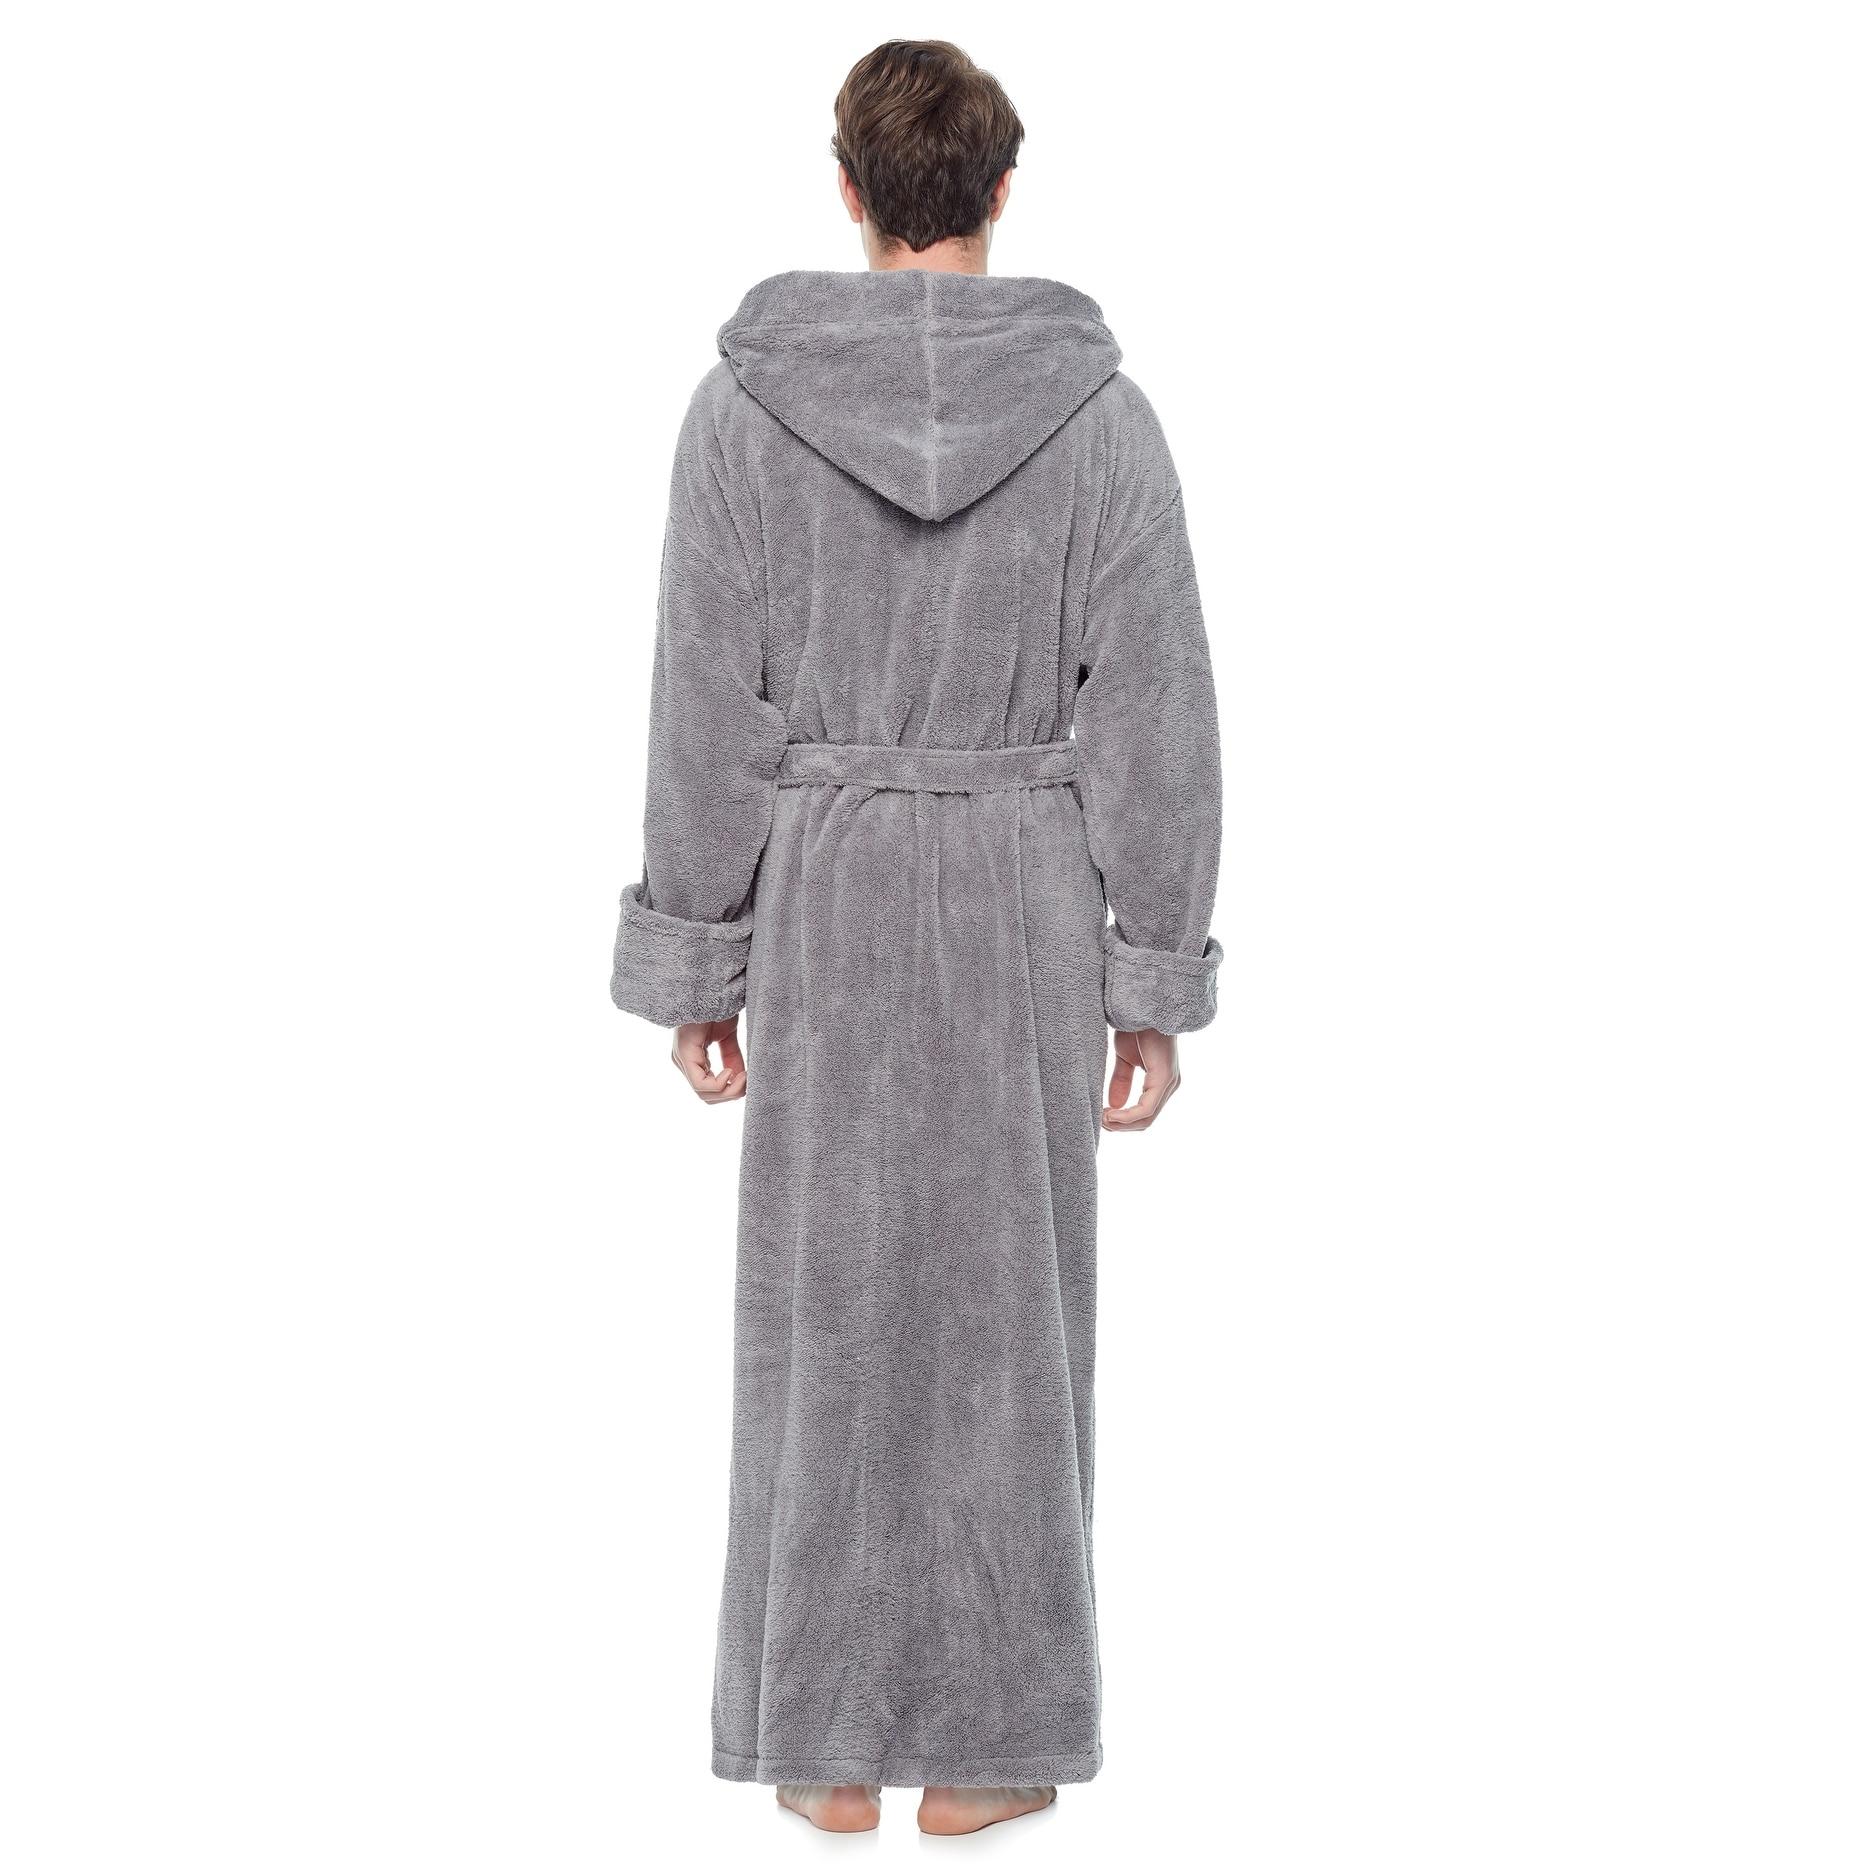 Men S Hooded Fleece Bathrobe Turkish Soft Plush Robe With Full Length Options Overstock 14387064